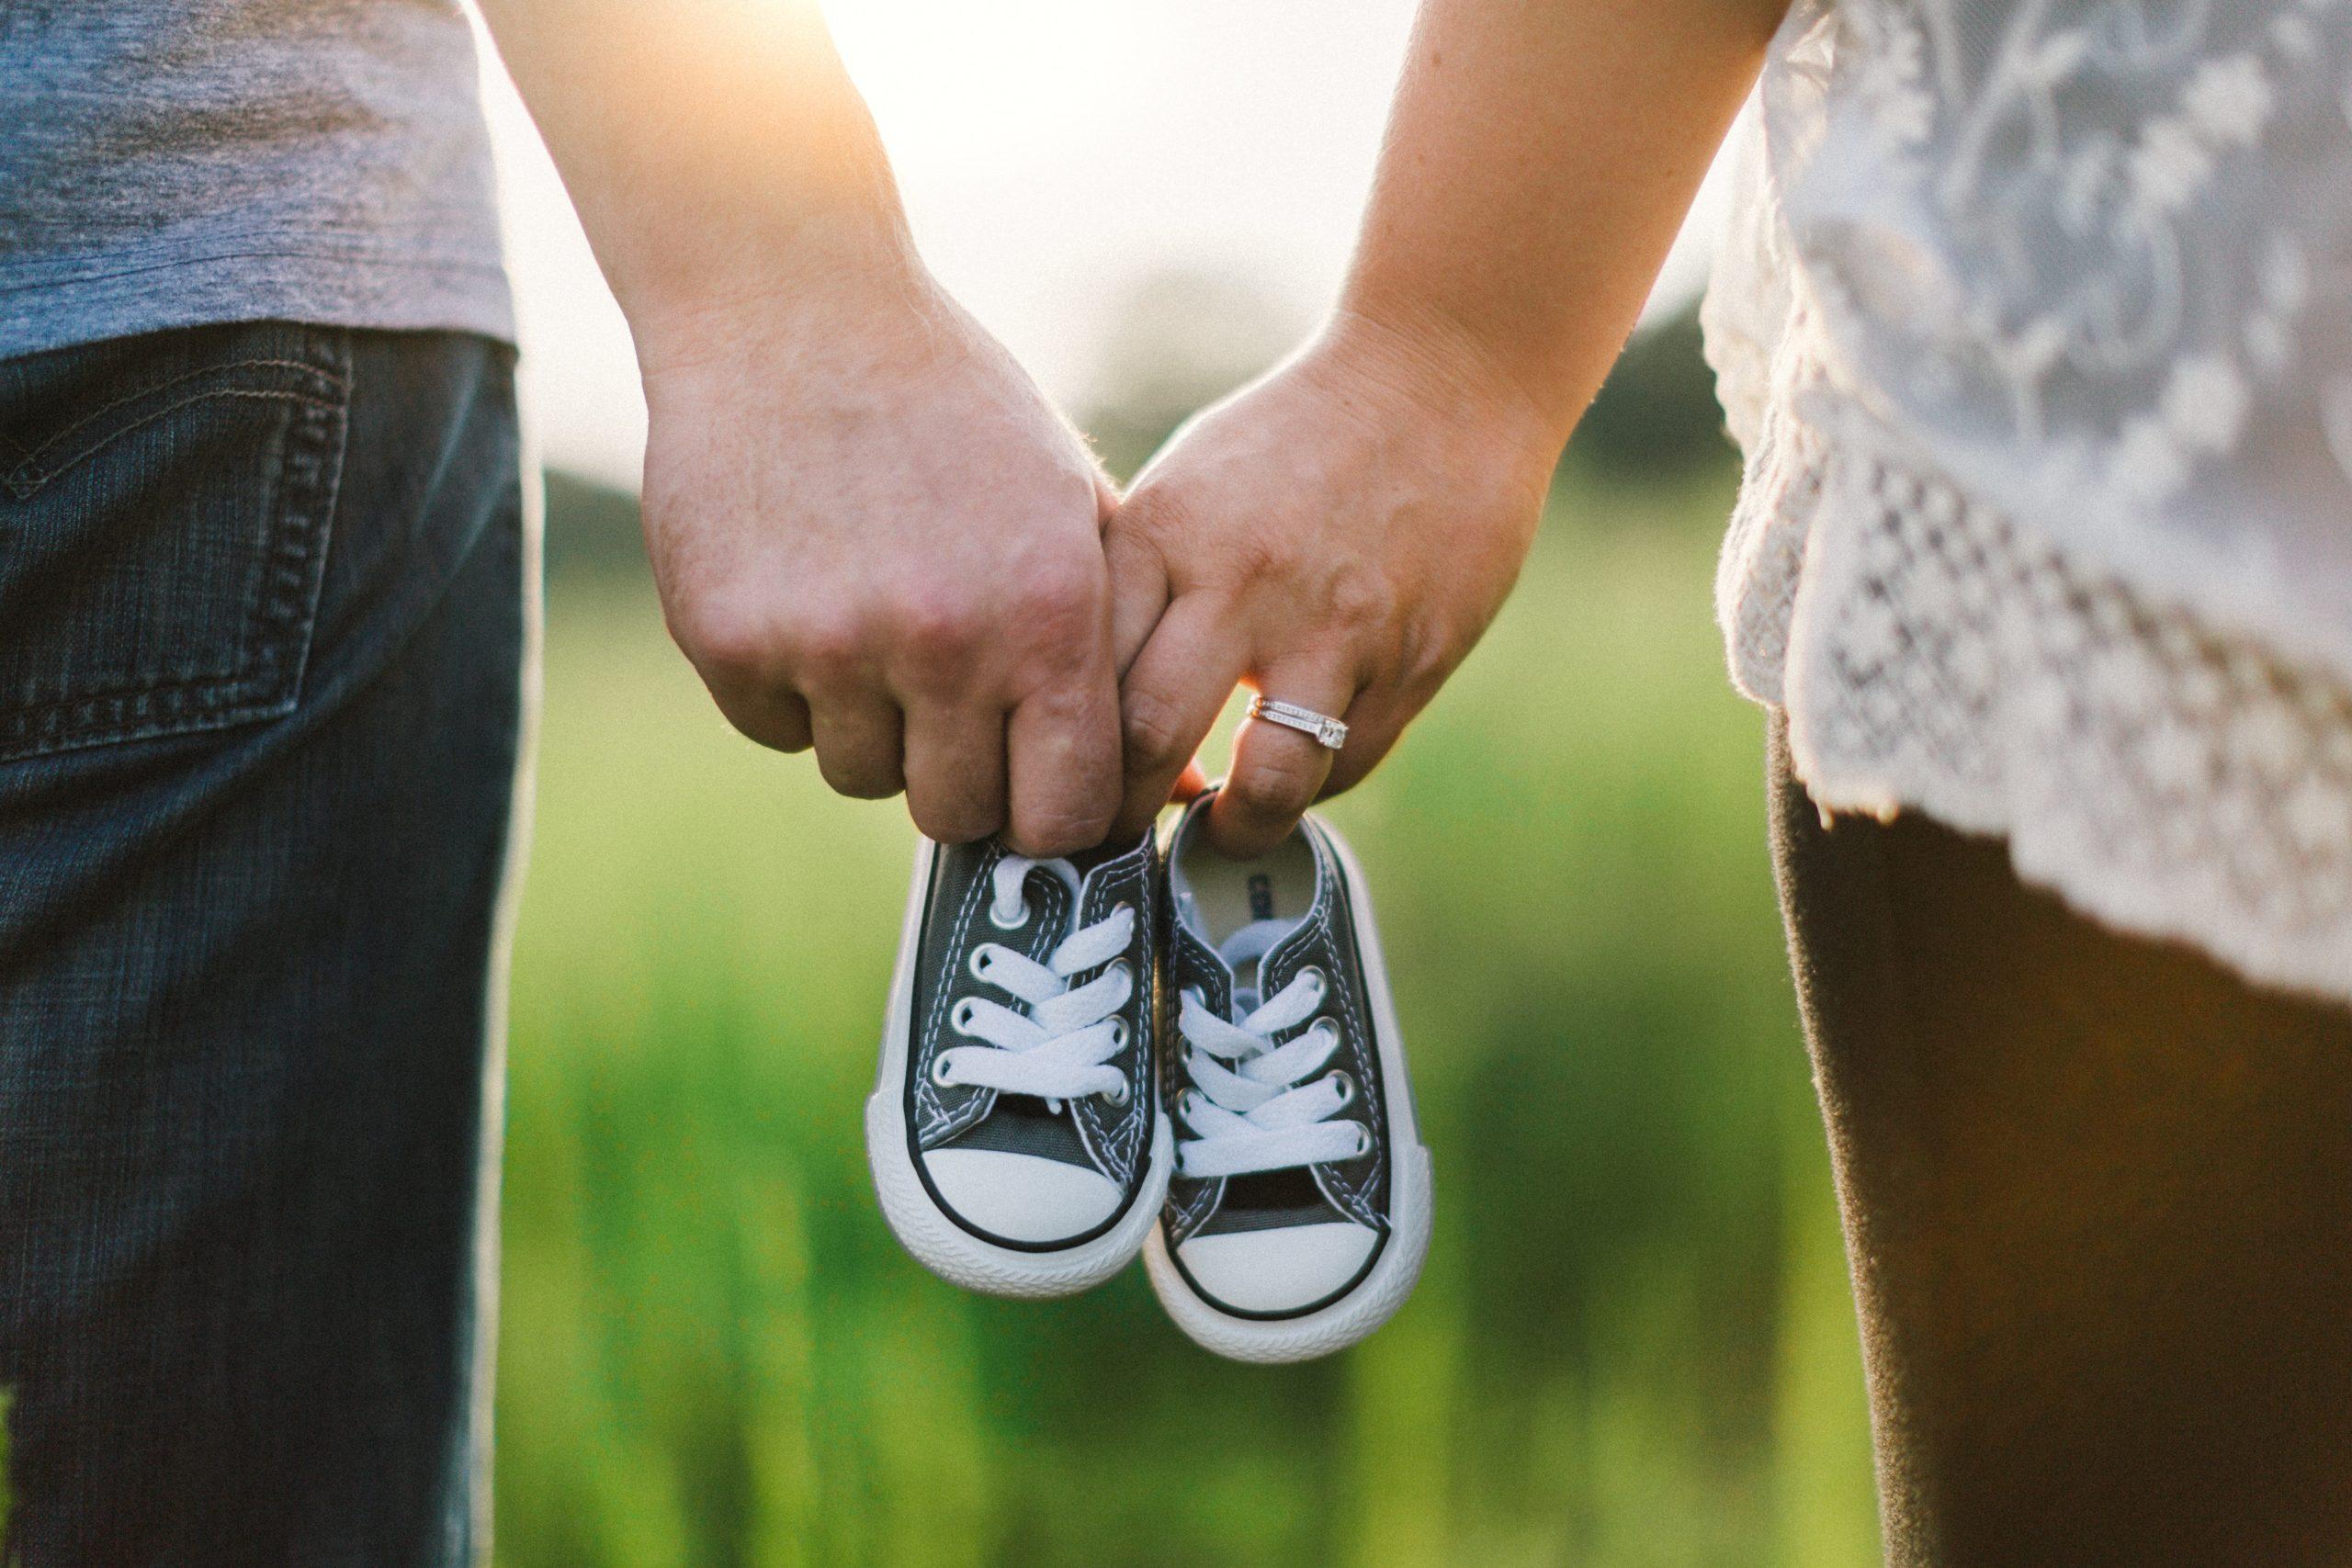 Quattro buoni motivi per ripristinare l'adorazione di Dio in famiglia